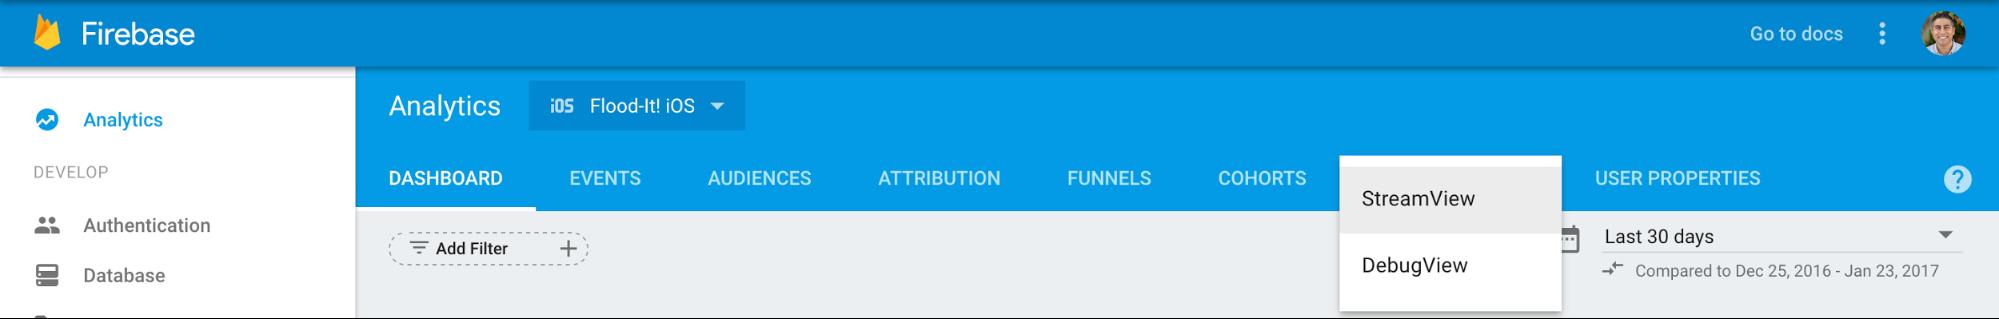 Navigieren Sie zu DebugView, indem Sie den Pfeil neben StreamView im oberen Navigationsbereich von Google Analytics auswählen und DebugView auswählen